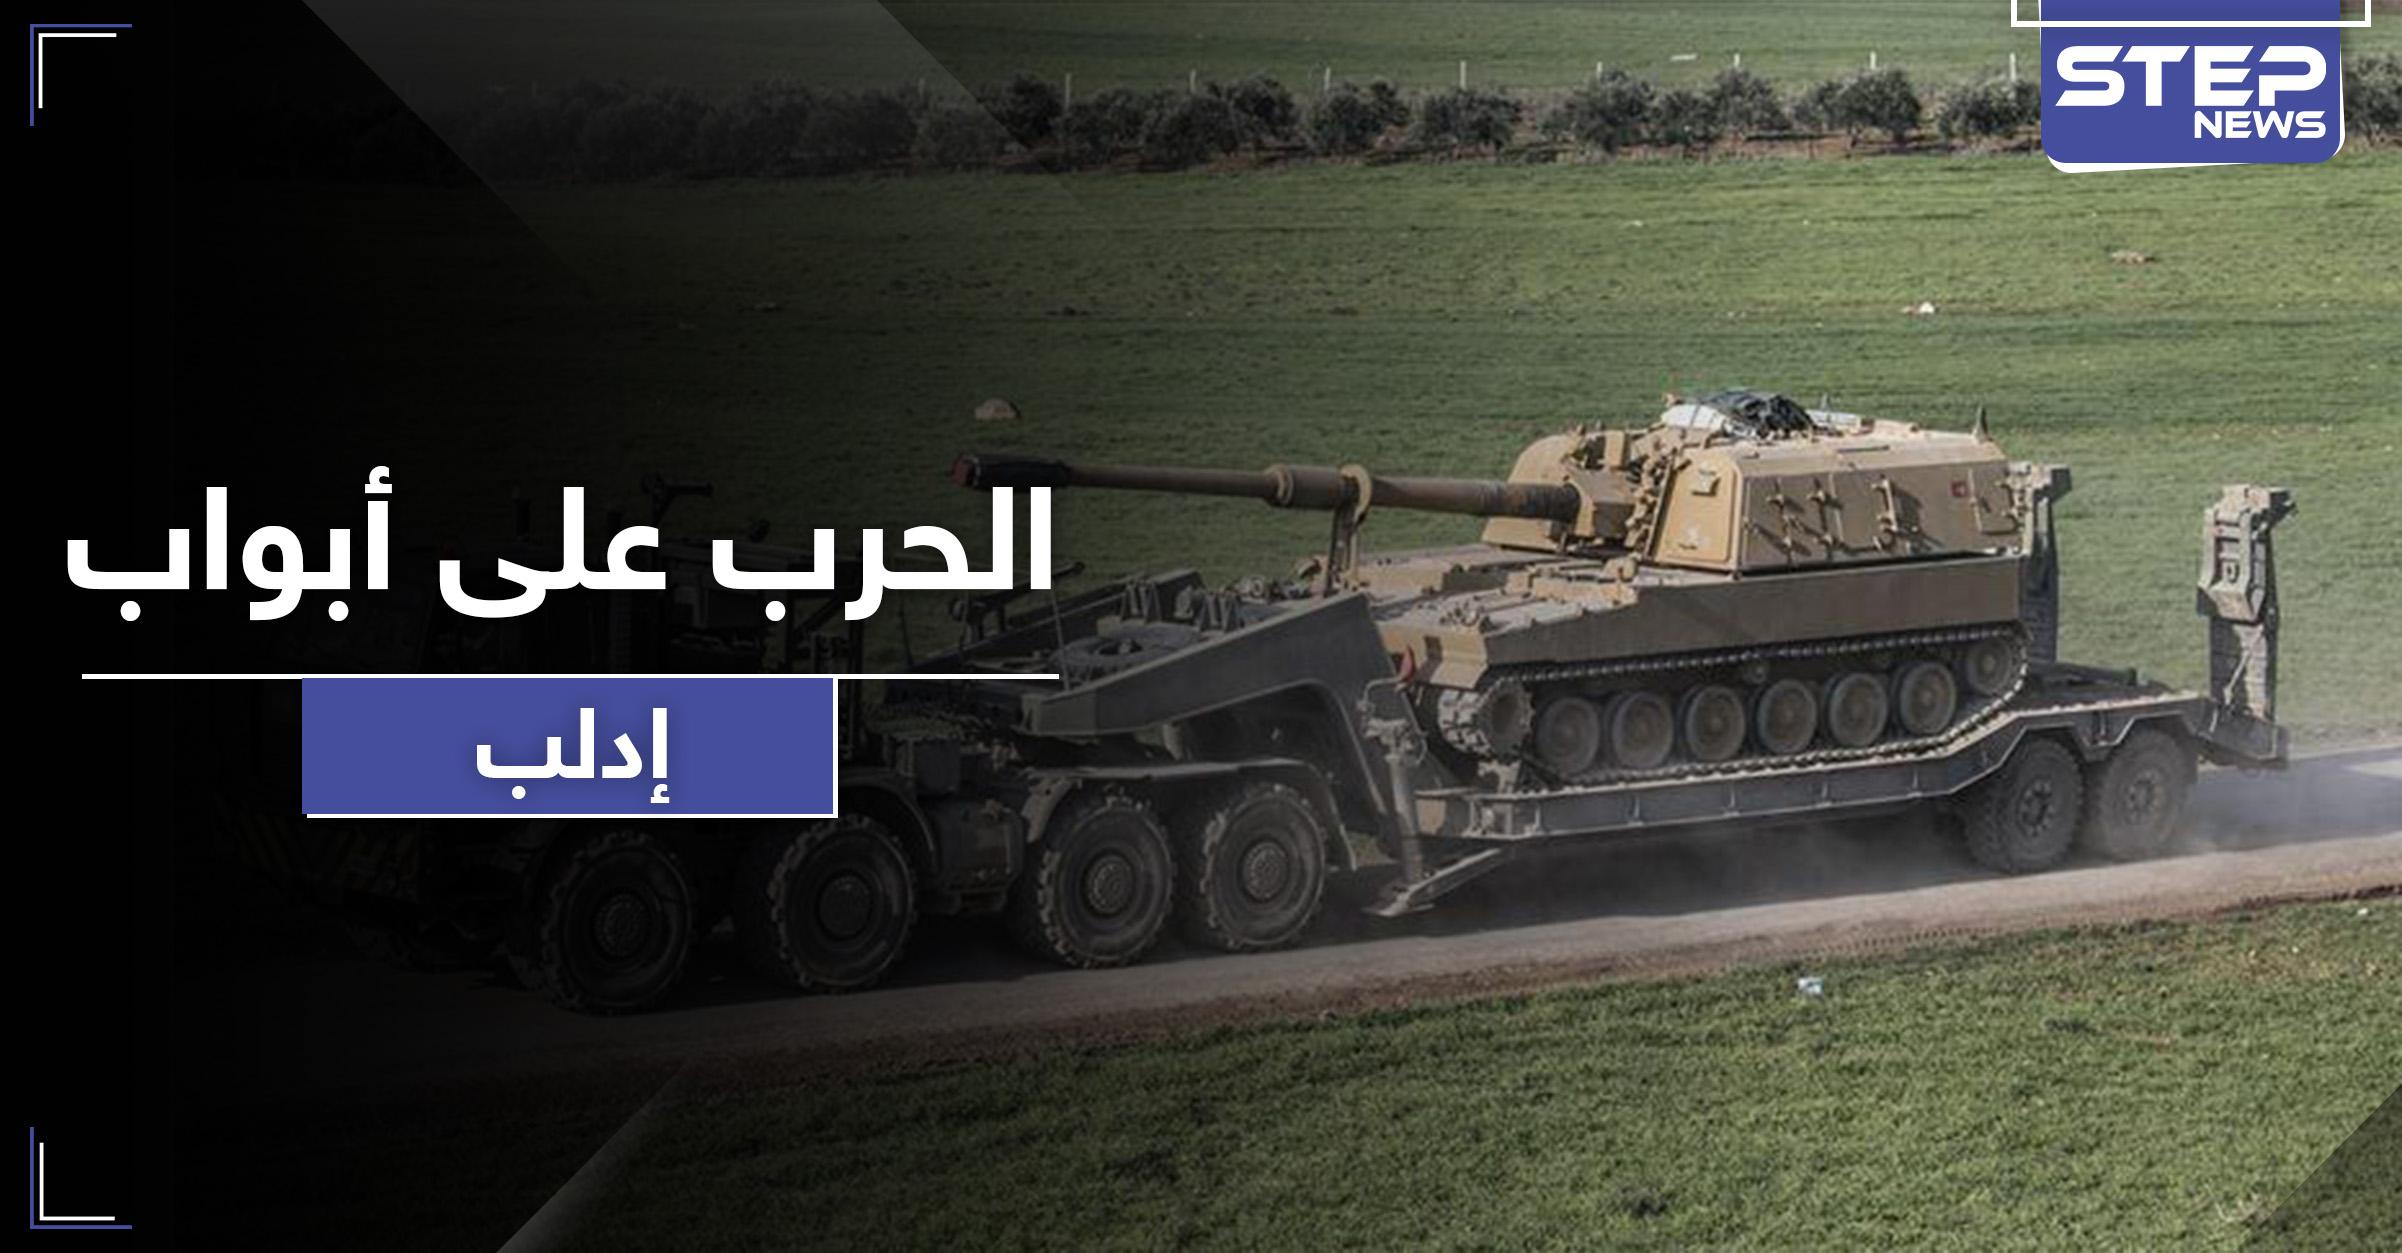 قوات المعارضة تطلب إخلاء مناطق بـ إدلب استعداداً للمعركة القادمة وتركيا ترسل تعزيزات لنقاطها